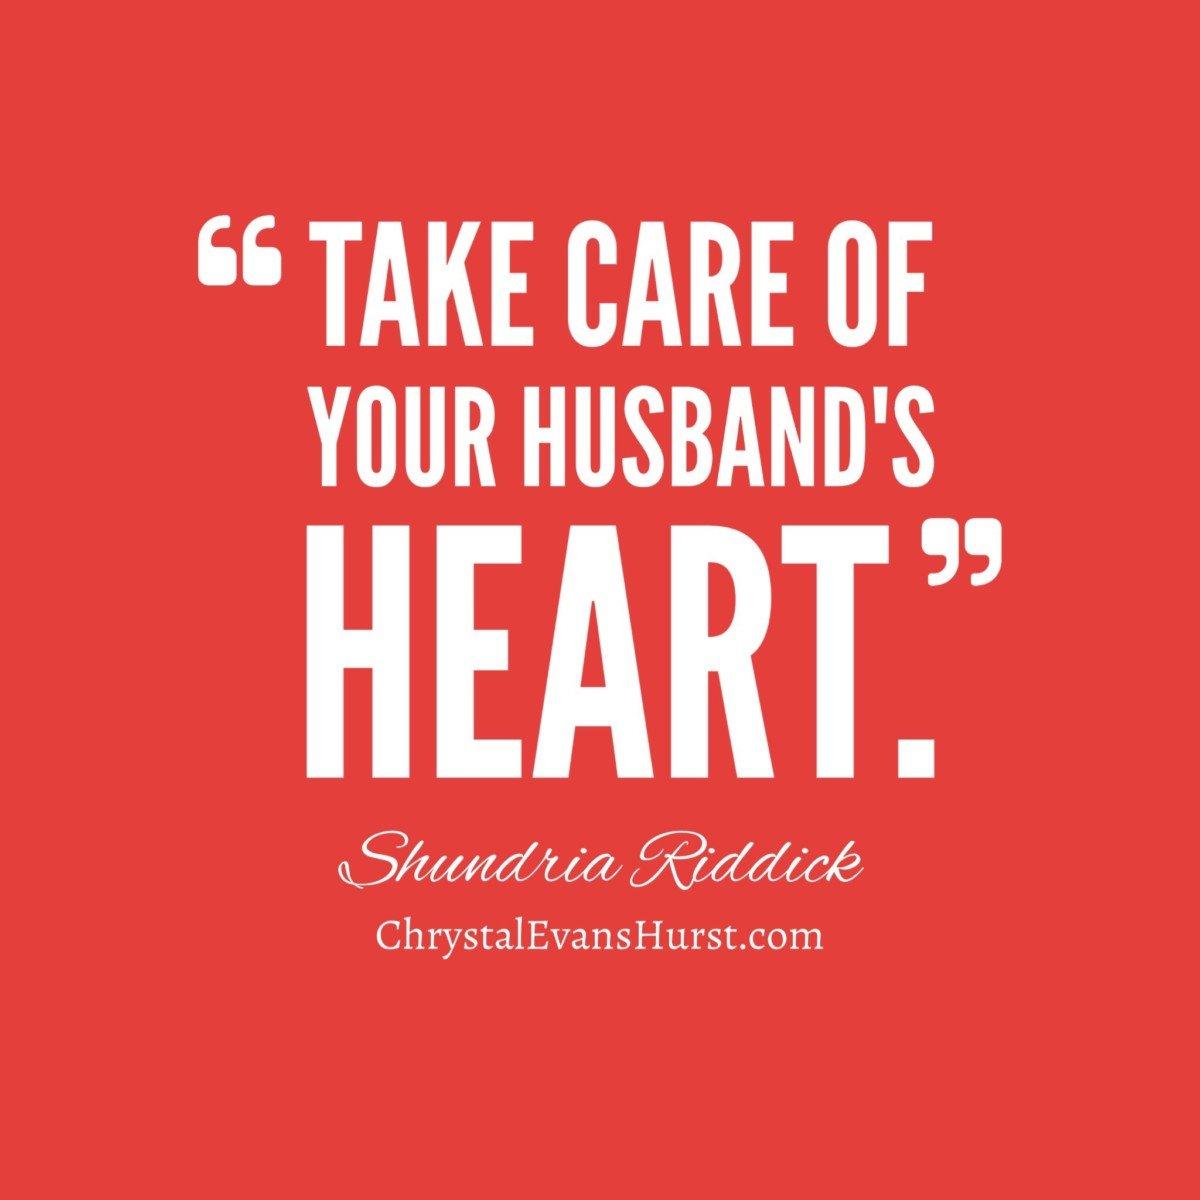 HusbandsHeart